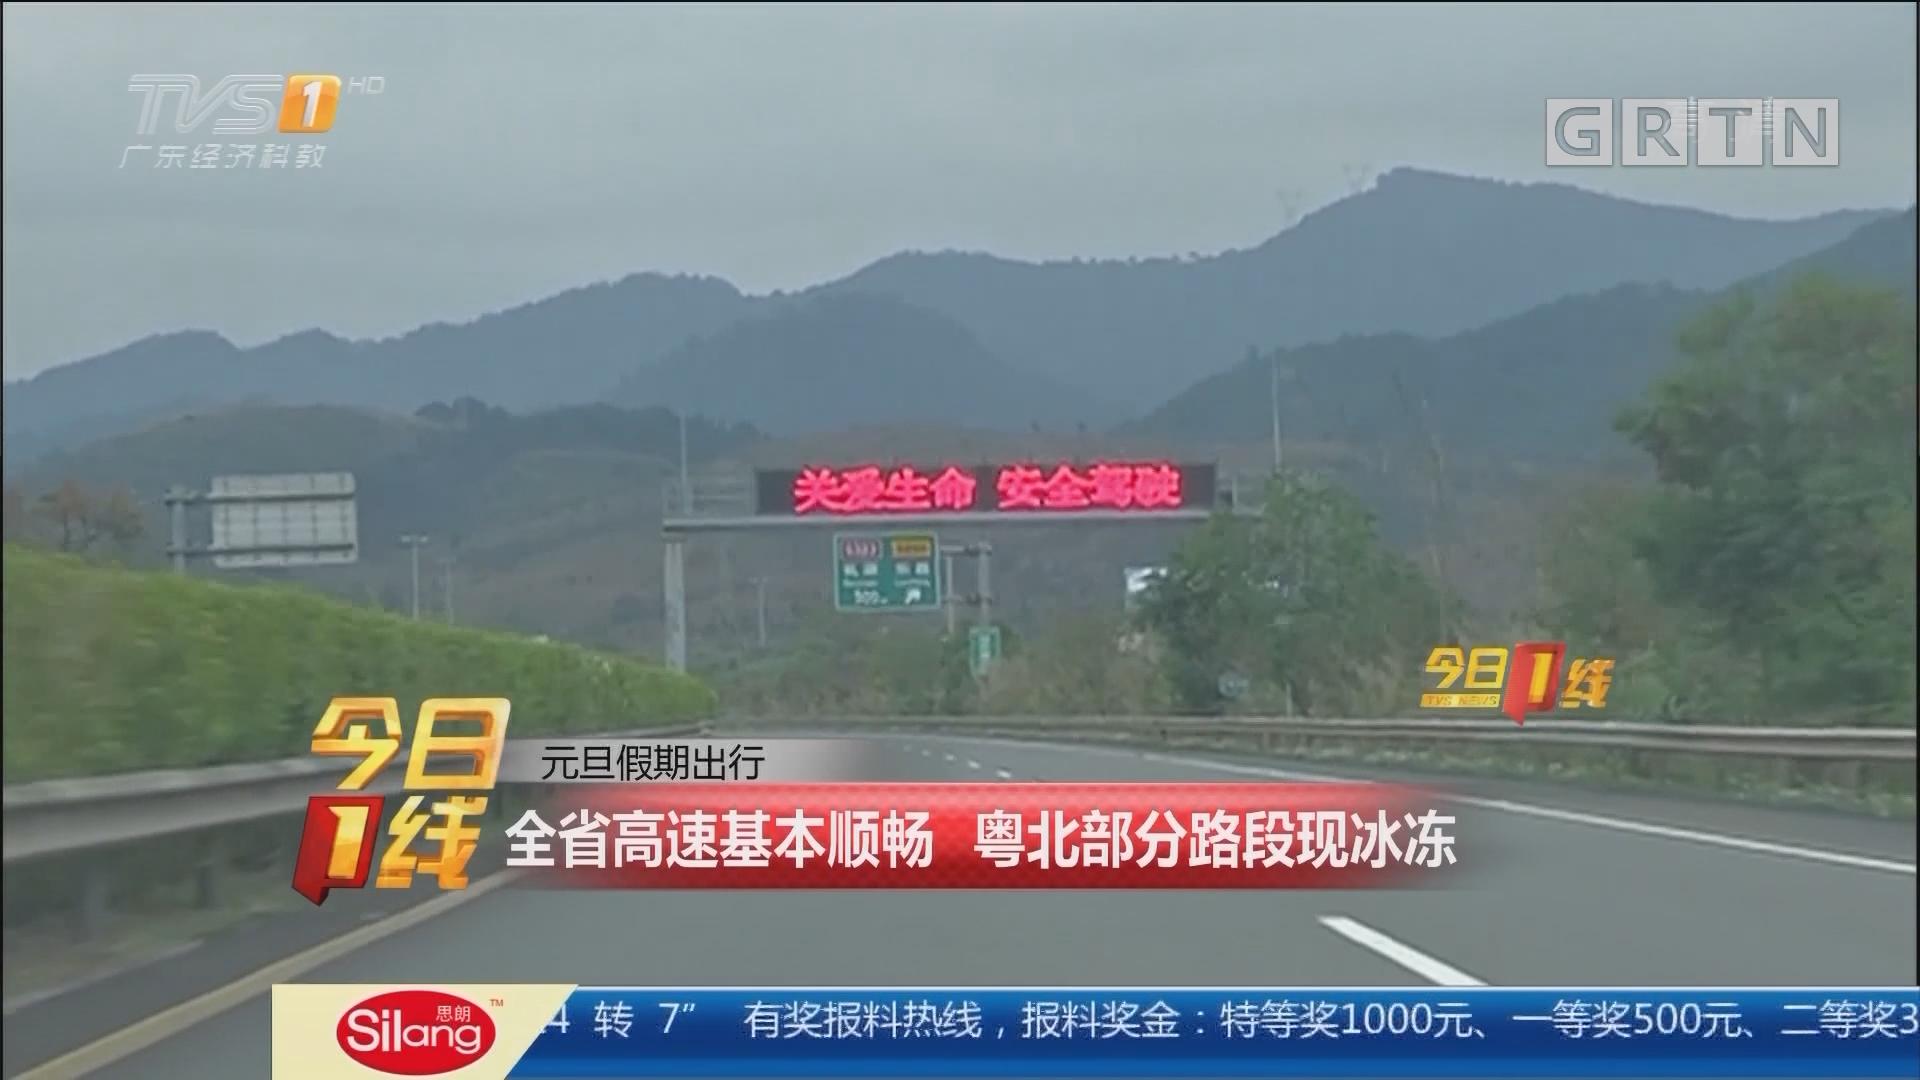 元旦假期出行:全省高速基本顺畅 粤北部分路段现冰冻